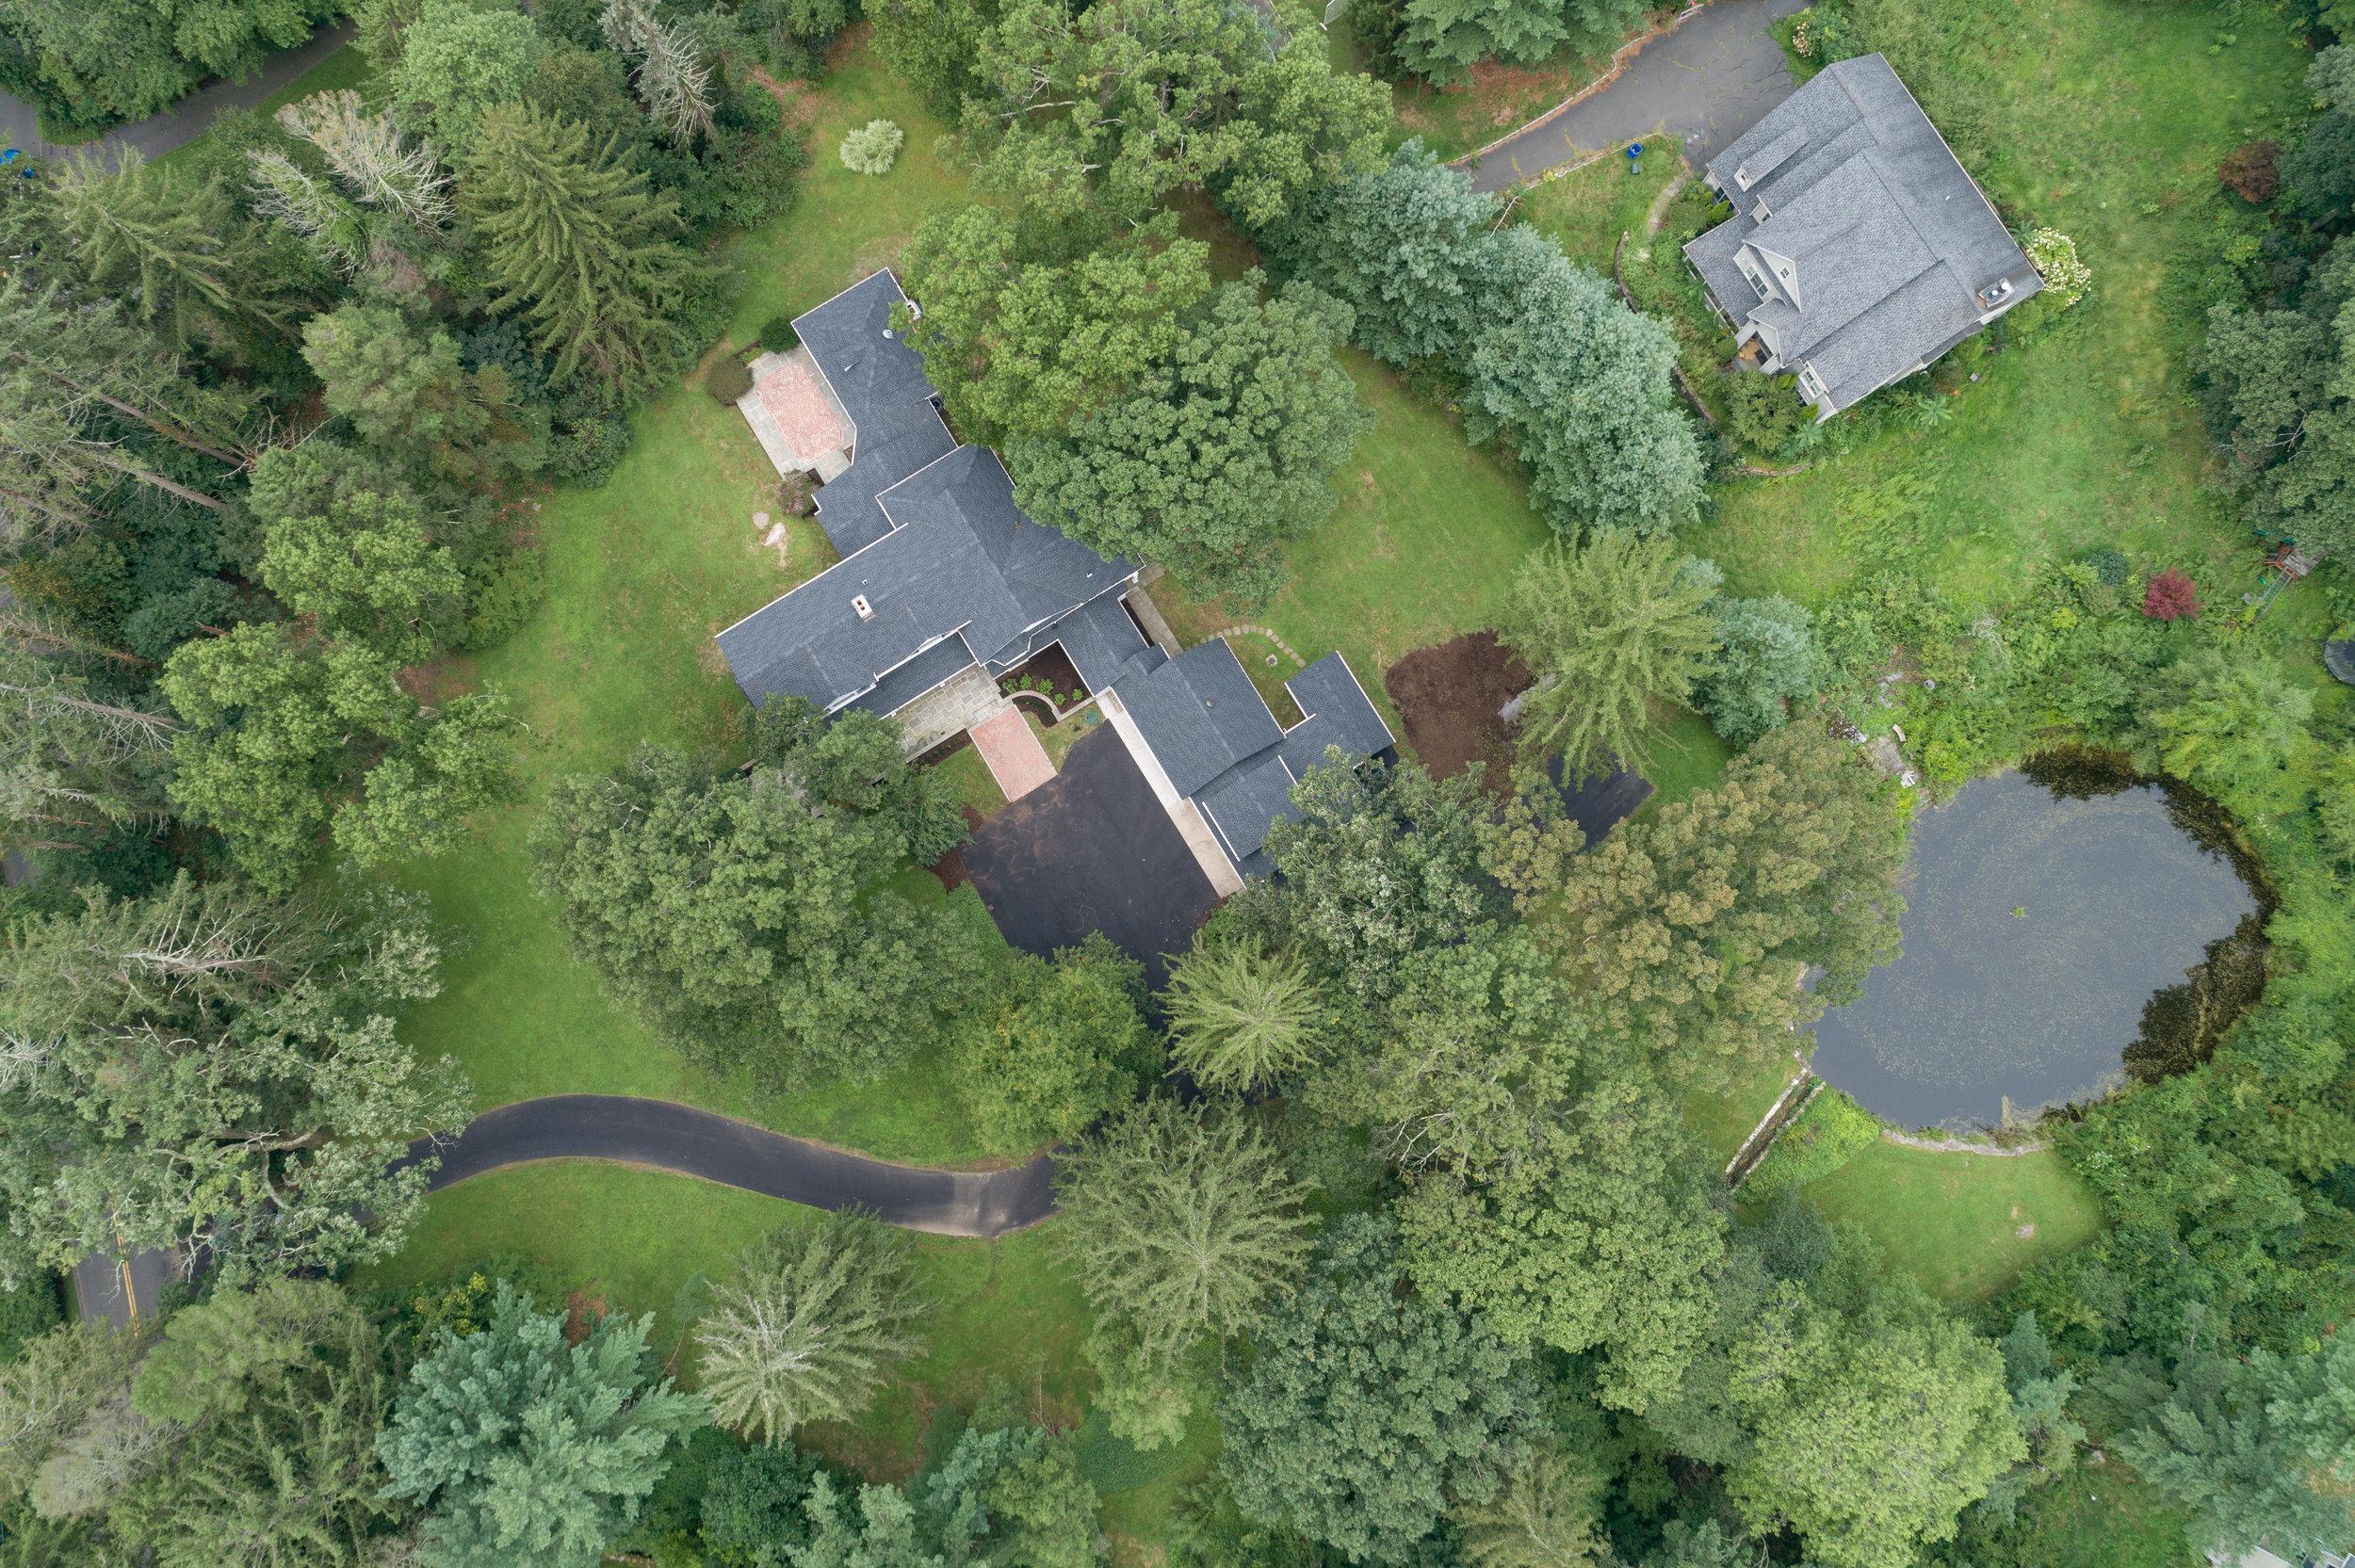 44 Old Rock Ln aerial-1.jpg